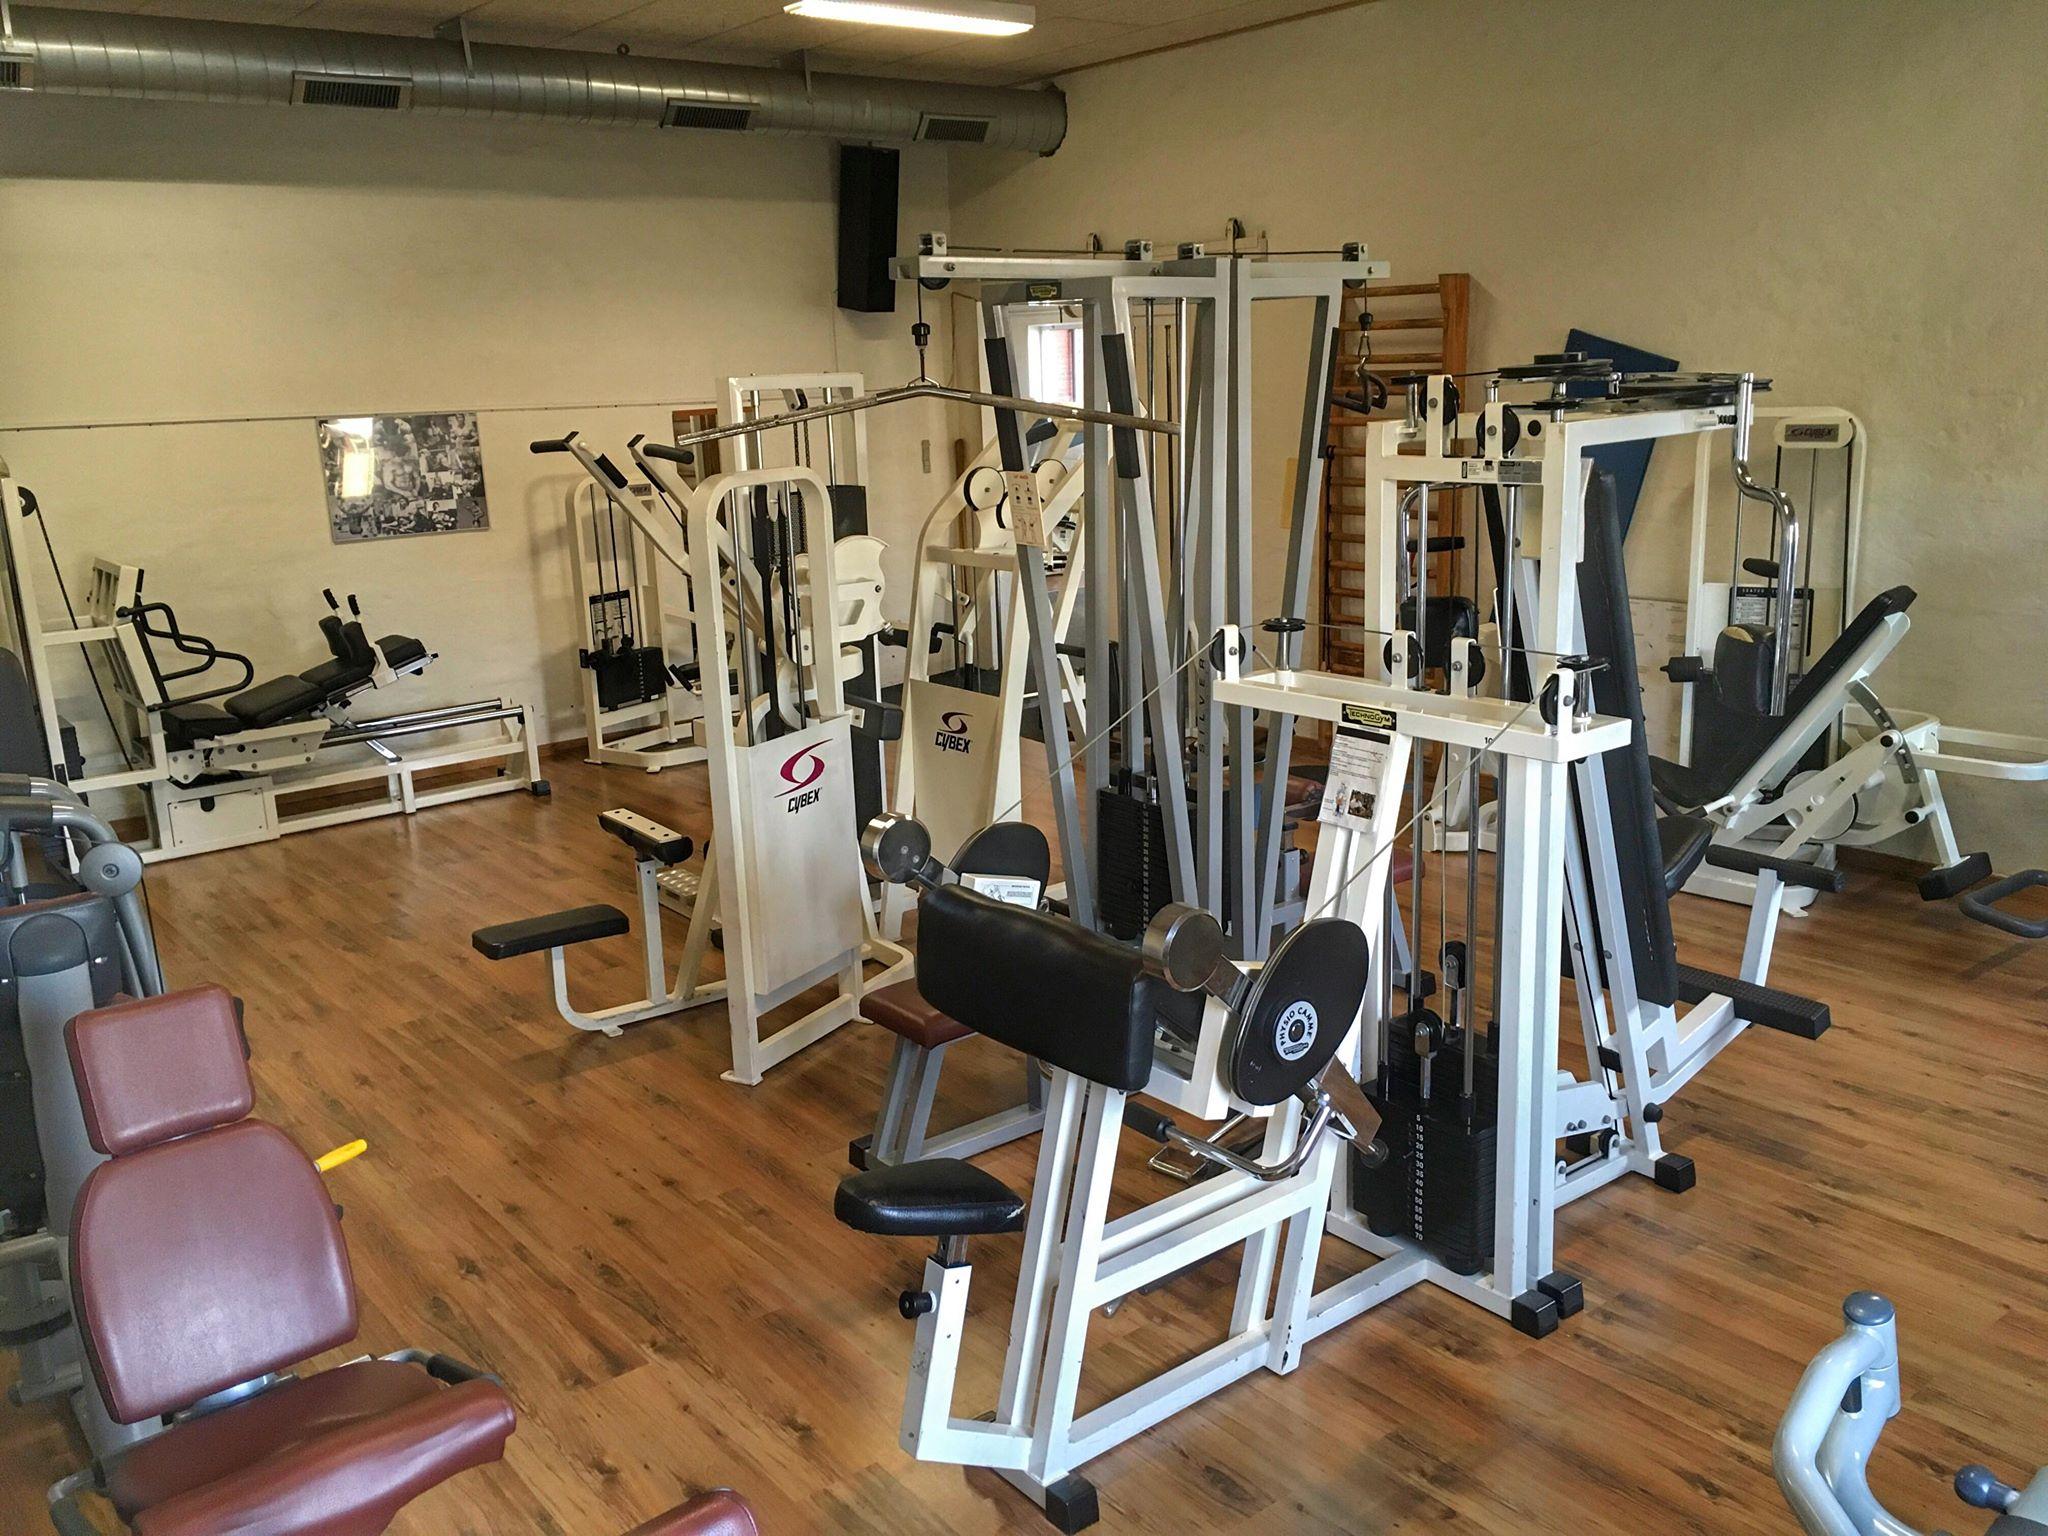 Træningscenter i Ringe - Cybex maskiner